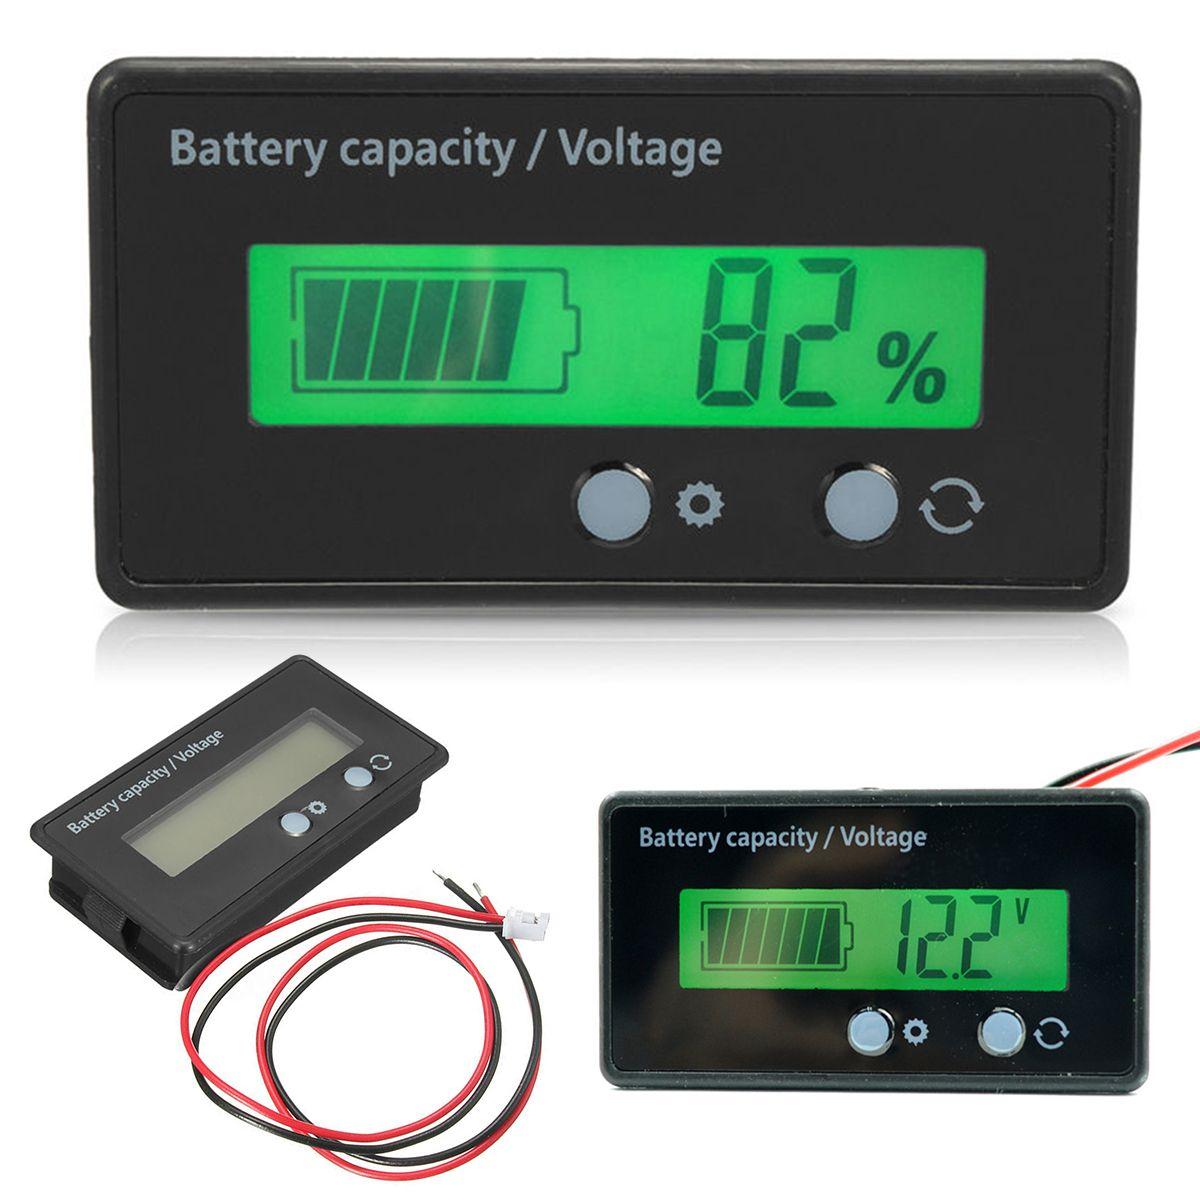 1 Pc Wskaznik Naladowania Baterii Litowo Tester Miernik Mocy Lcd Cyfrowy Woltomierz Napiecia Do 12 V 24 V 36 V 48 V Kwasu Olowiu Mayitr Meters